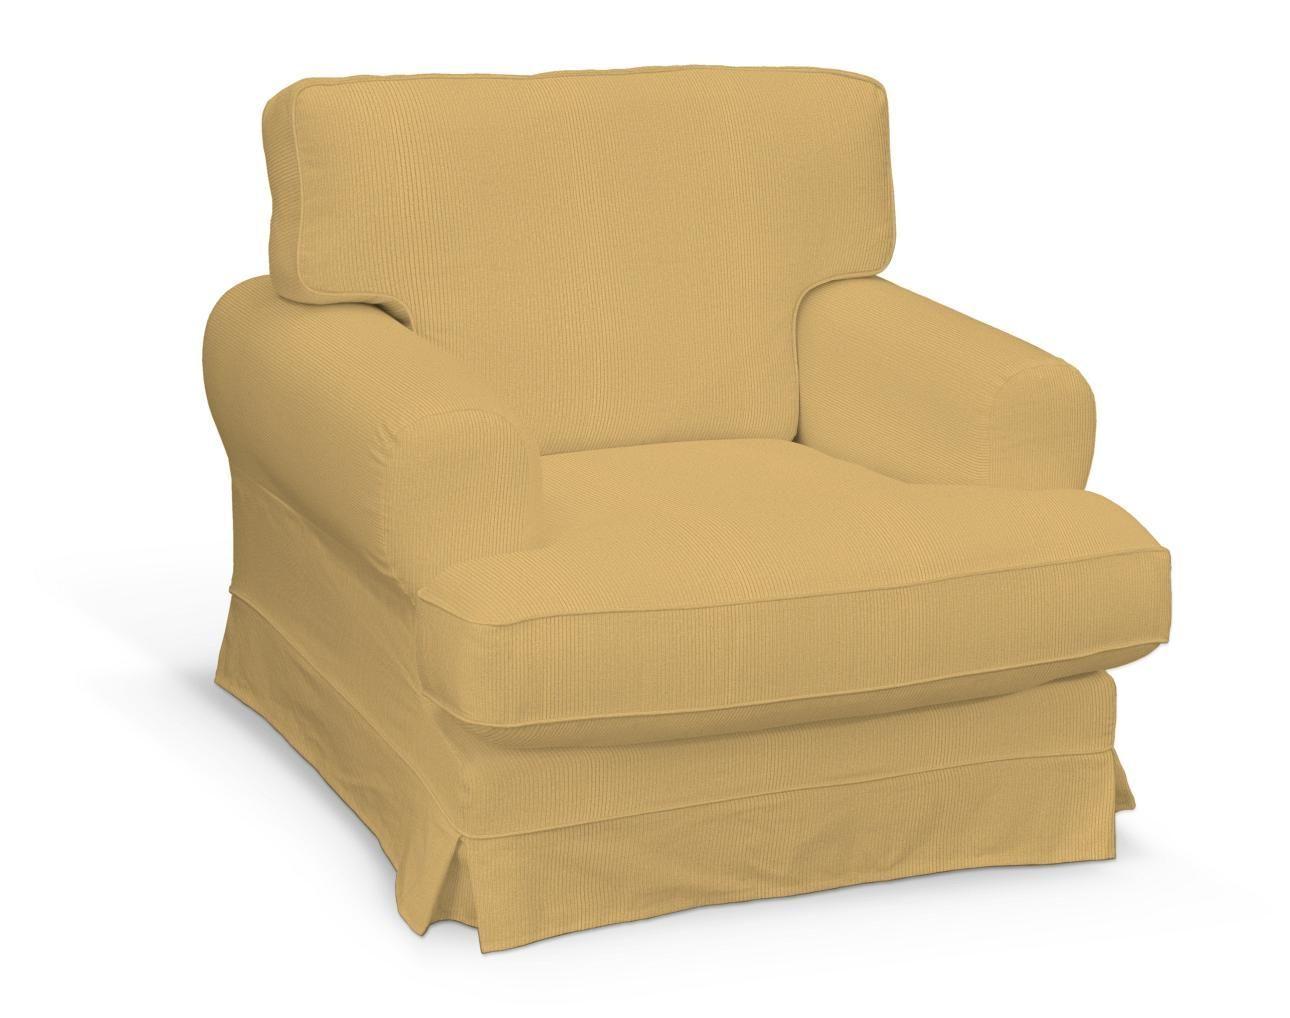 Hoes Voor Stoel : Ikea stoelhoes overtrek voor ekeskog description geef uw stoel